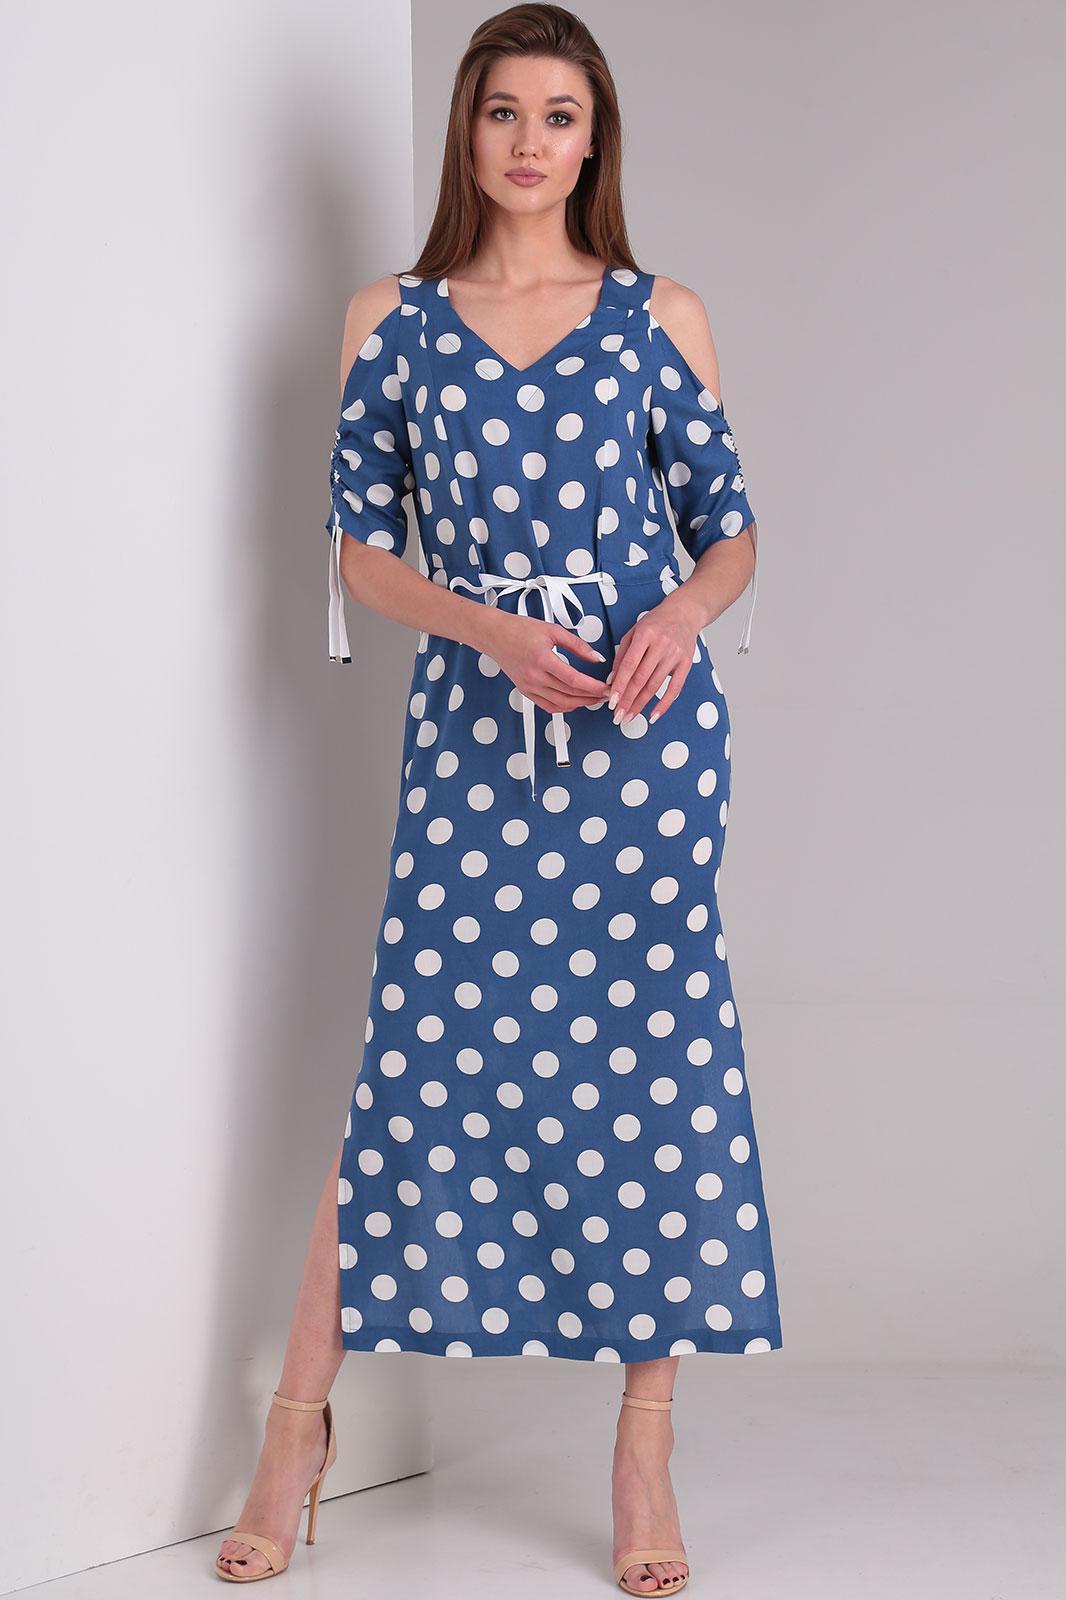 229c03056765447 Купить платье в интернет-магазине в Минске. Белорусские женские платья